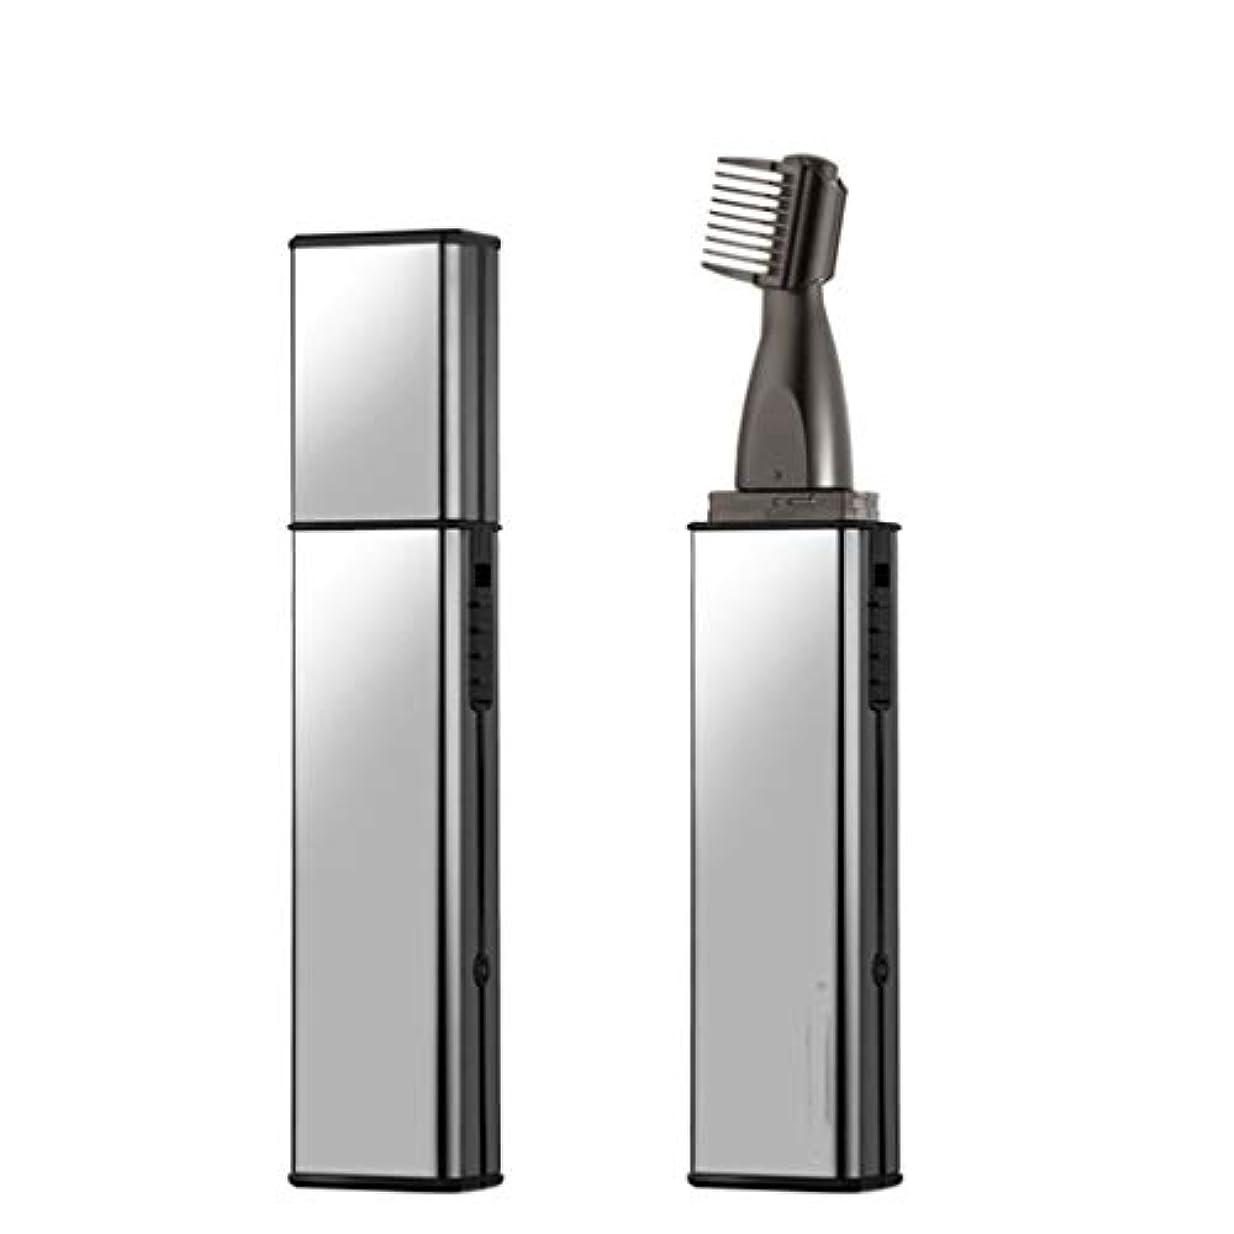 男性用電気かみそり、充電式ステンレス鼻毛トリマー、多機能眉毛シェーピングナイフ、ユニバーサル